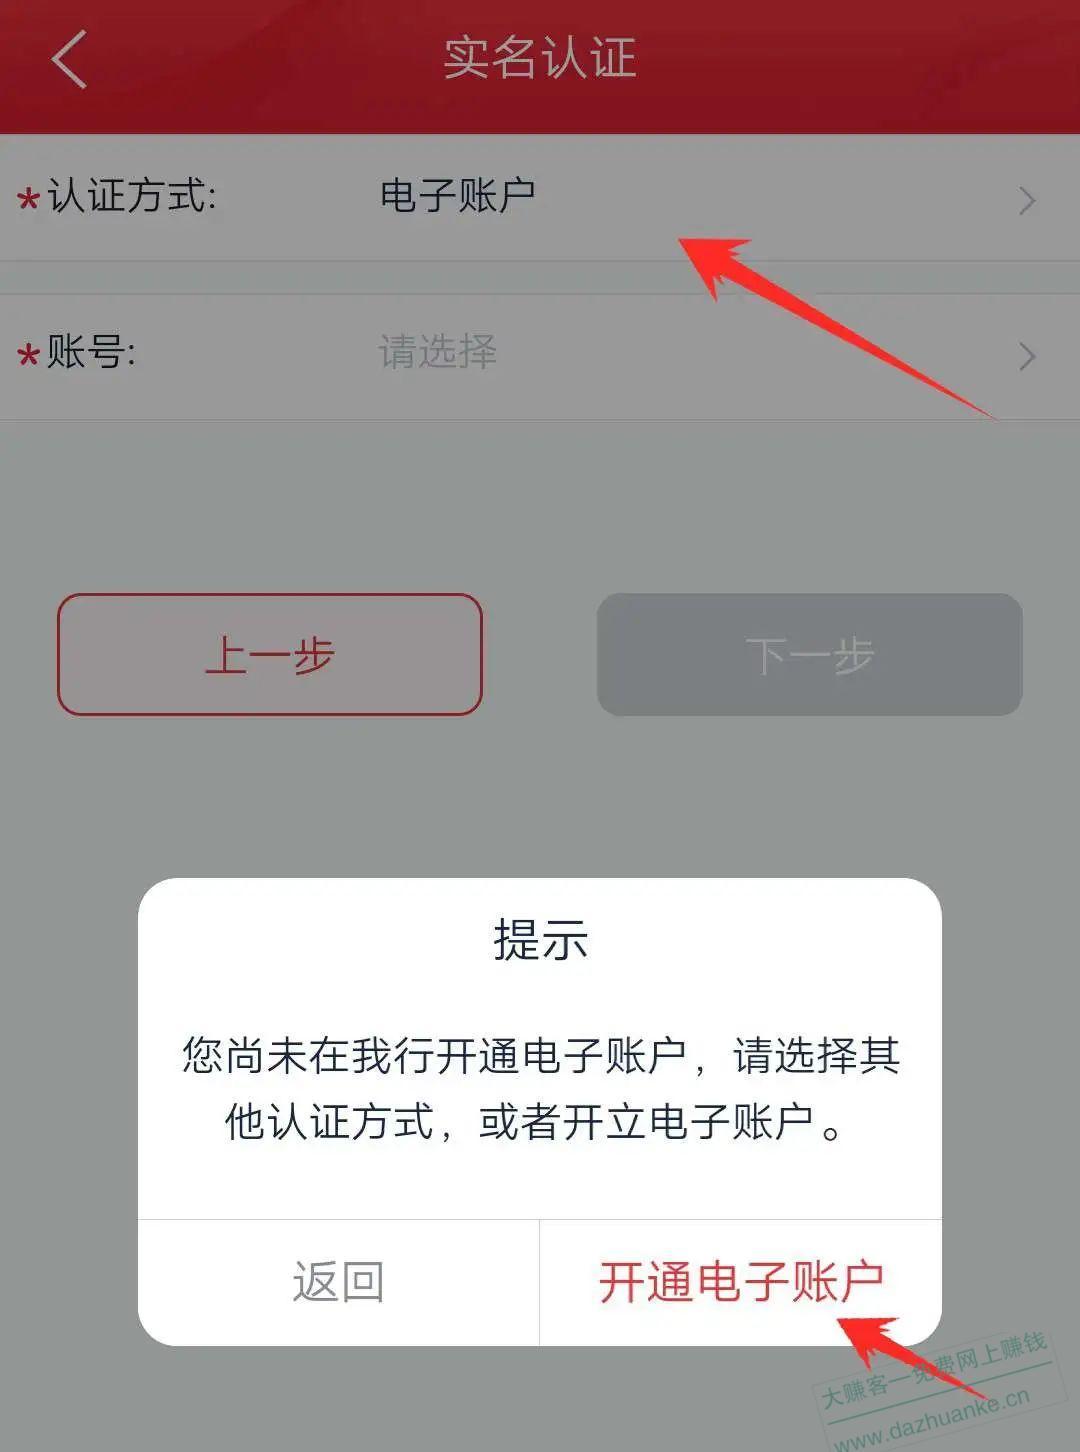 中信银行APP新用户注册可领取26.6元红包,无需中信银行卡。〔可套x〕